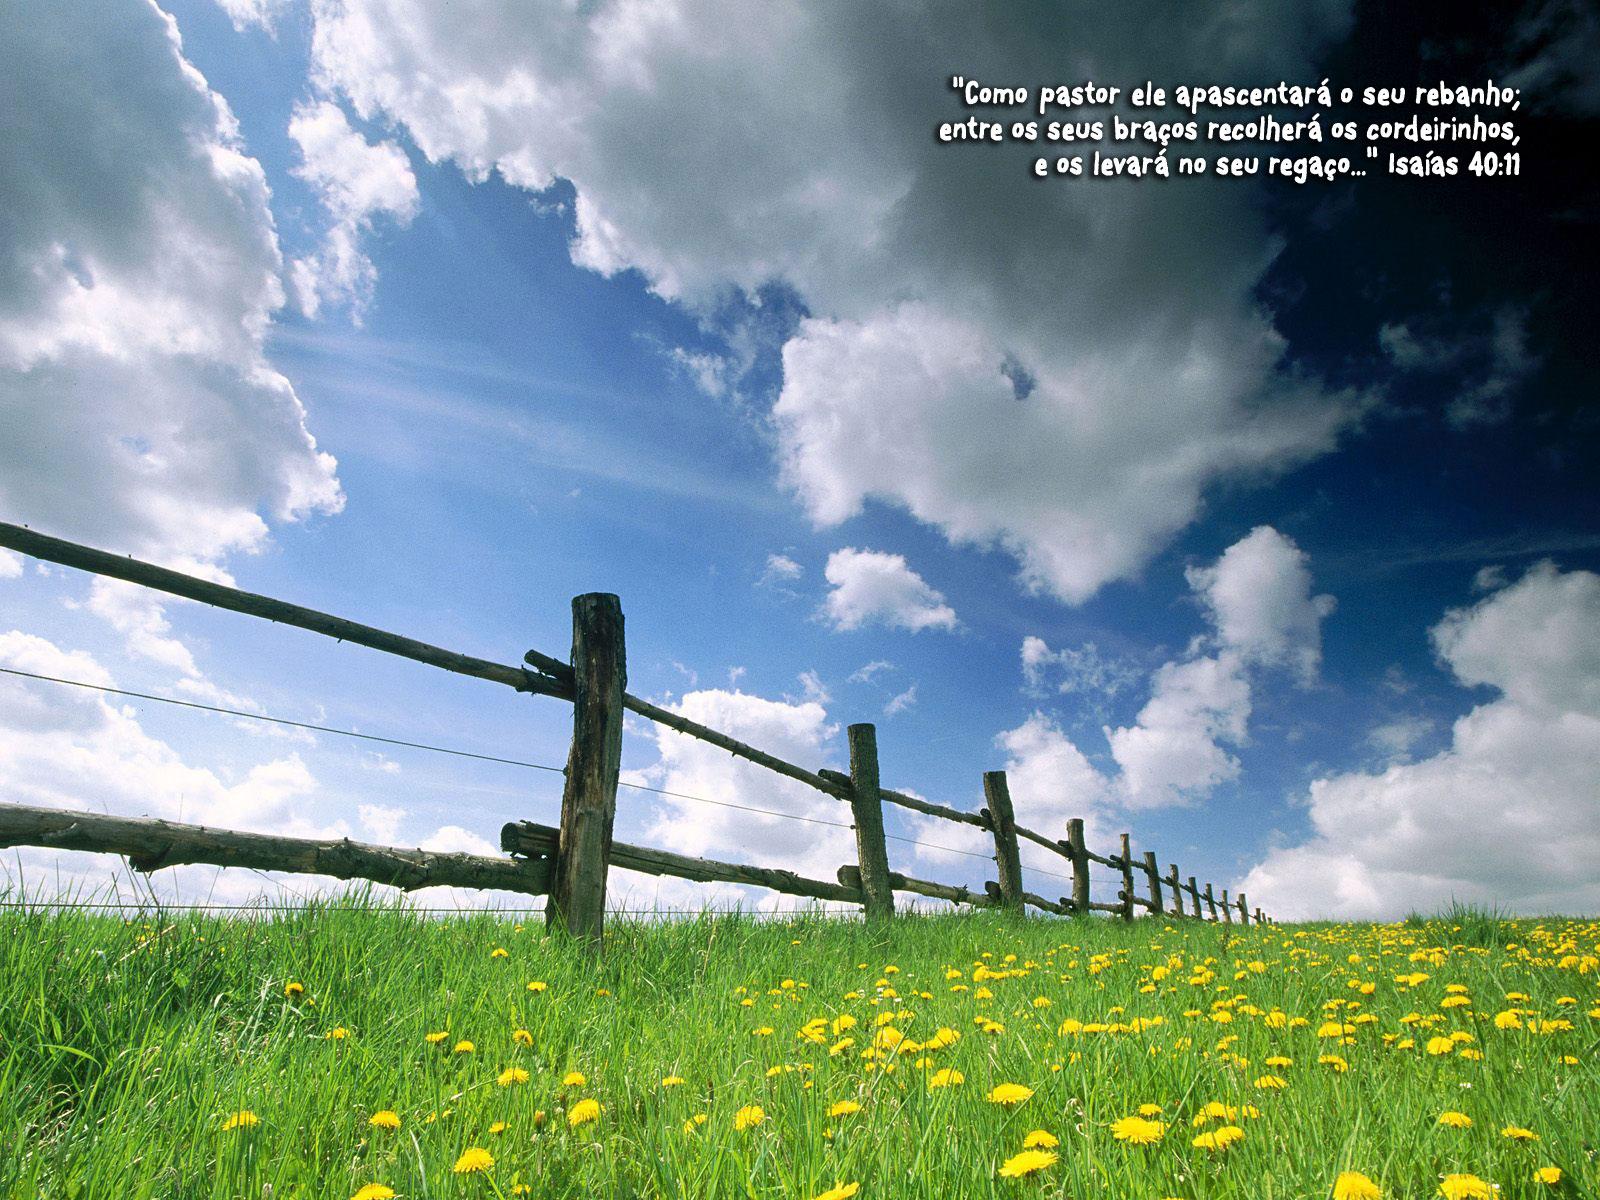 http://devocionaldiario.com.br/imagens/farm_grass.jpg